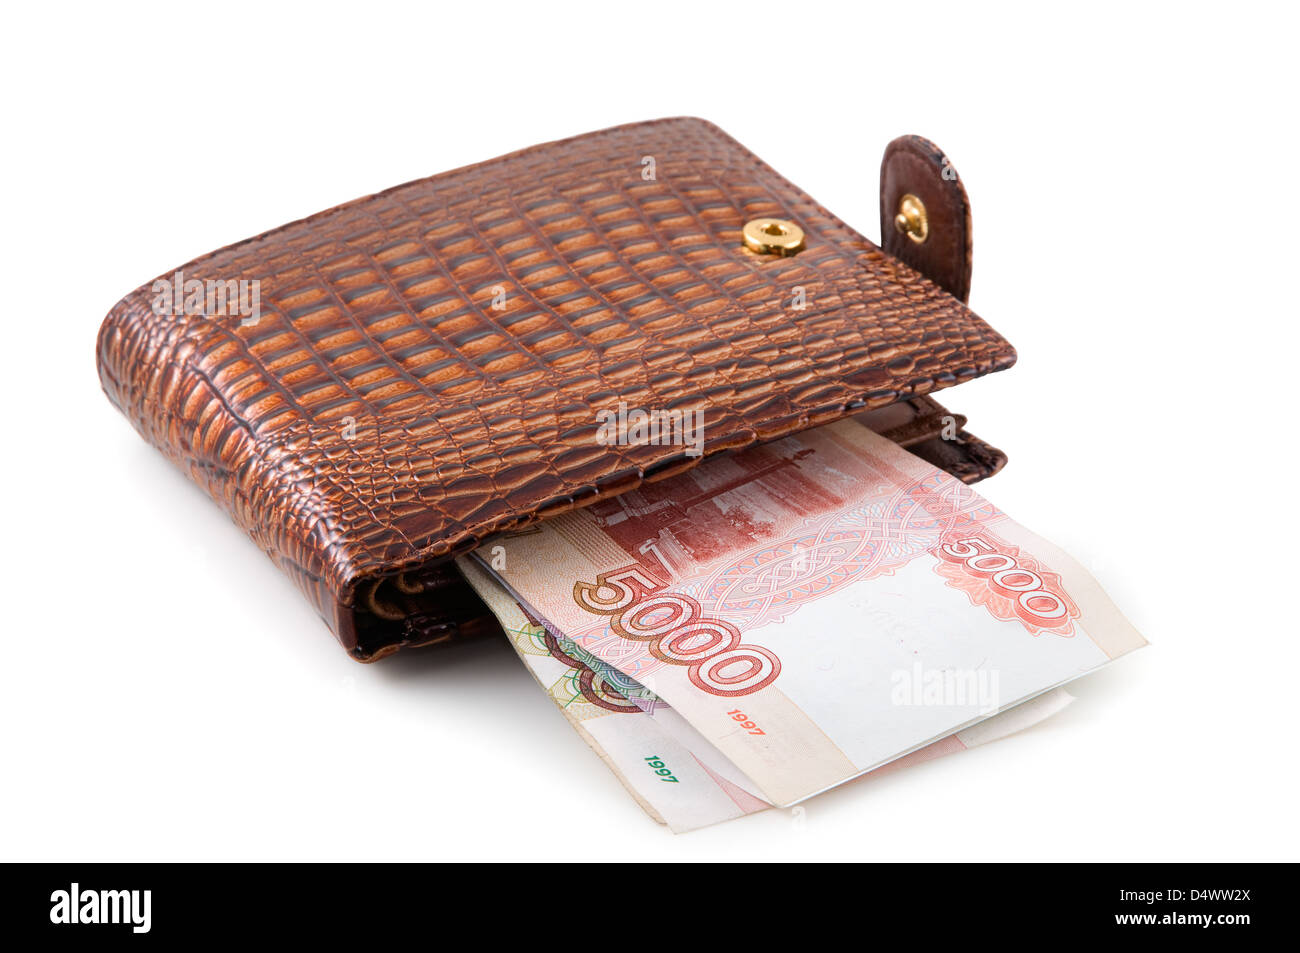 Le sac à main marron est photographié sur le close-up Photo Stock